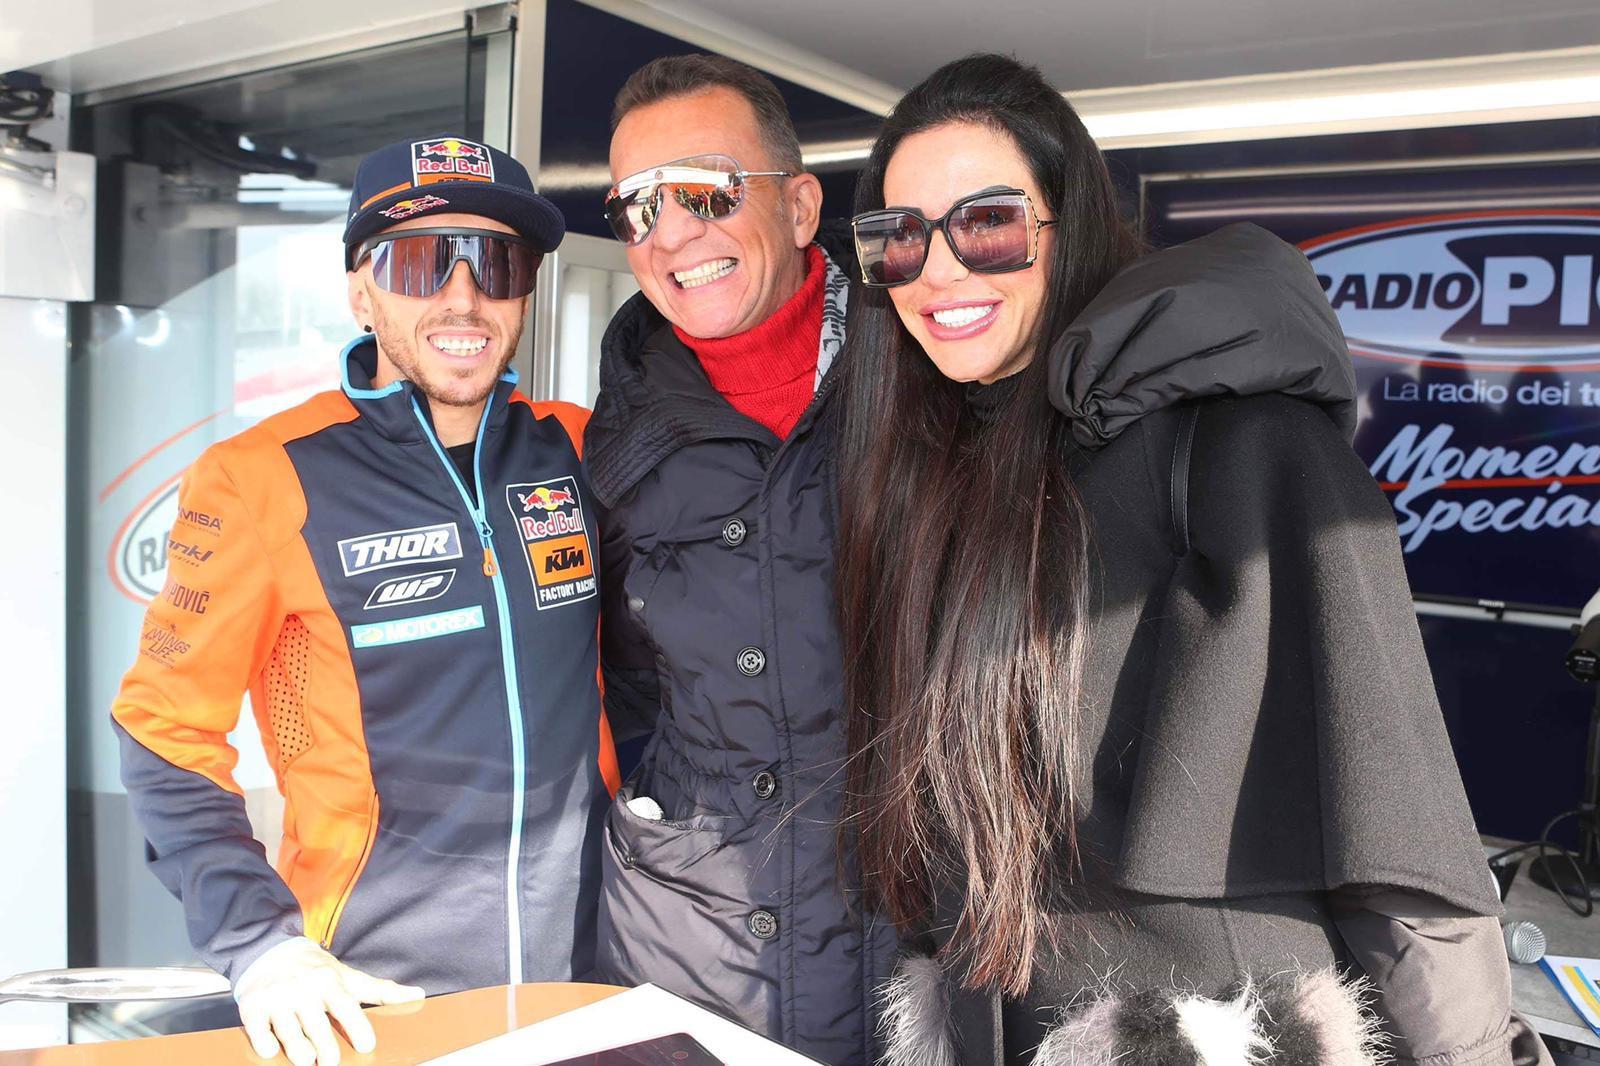 Intervista esclusiva a Antonio Cairoli: sono tornato e voglio vincere ancora in moto